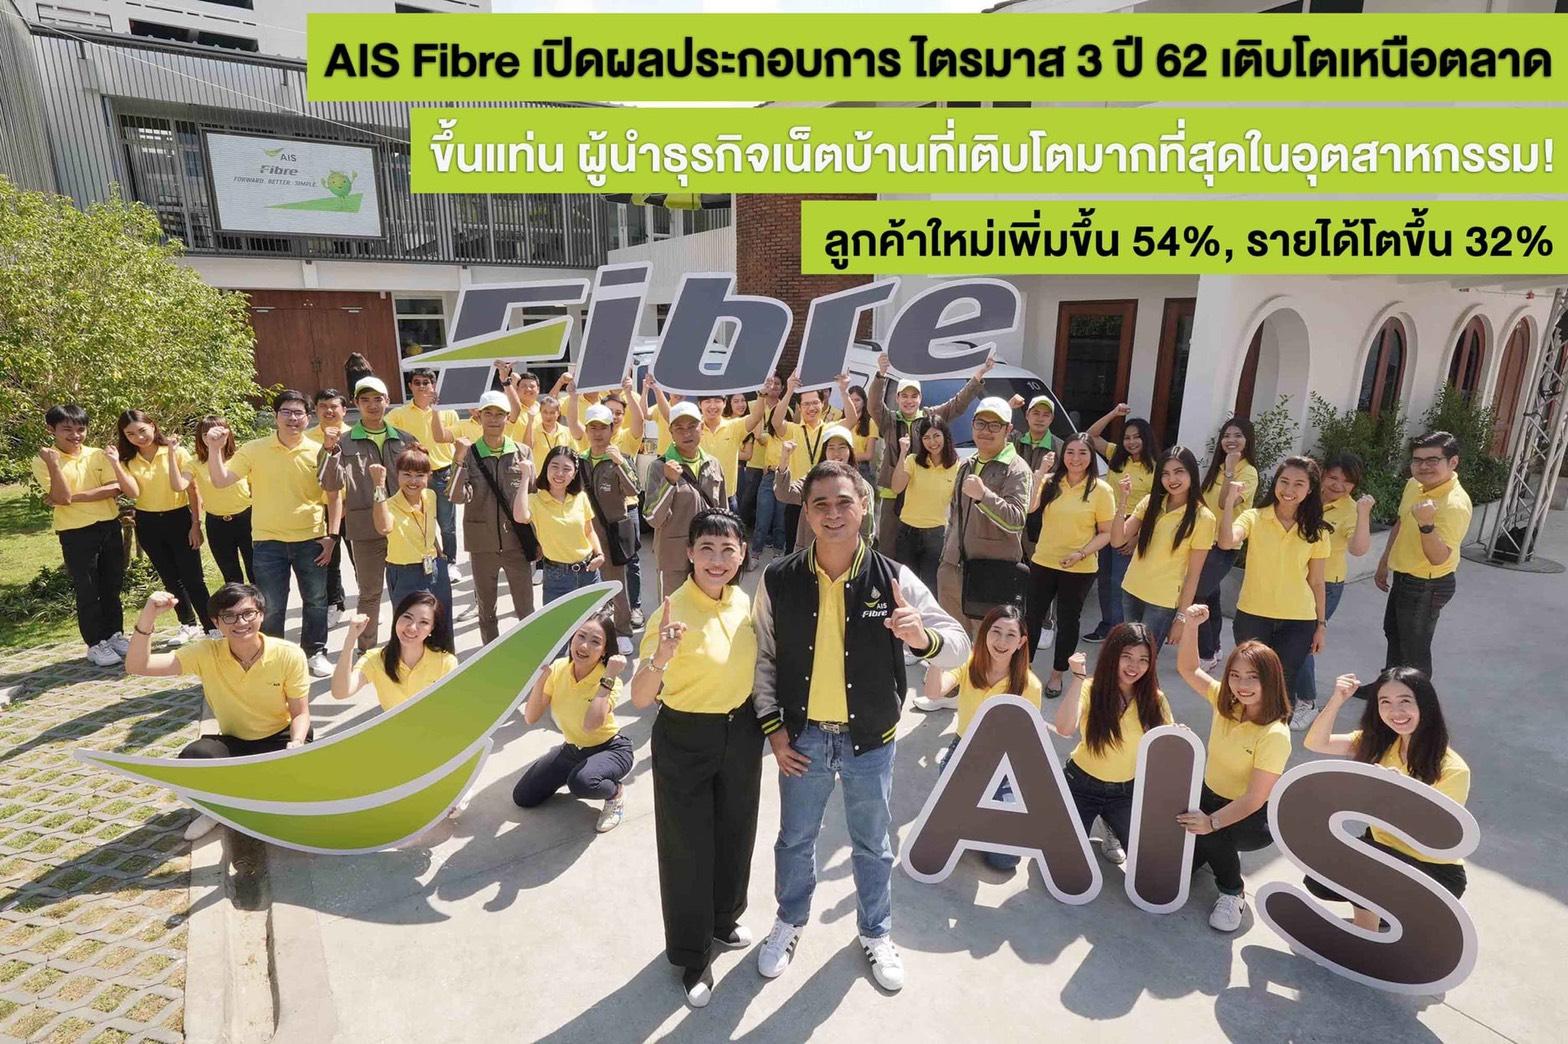 AIS Fibre เผยผลประกอบการไตรมาส 3 รายได้โตขึ้น 32%